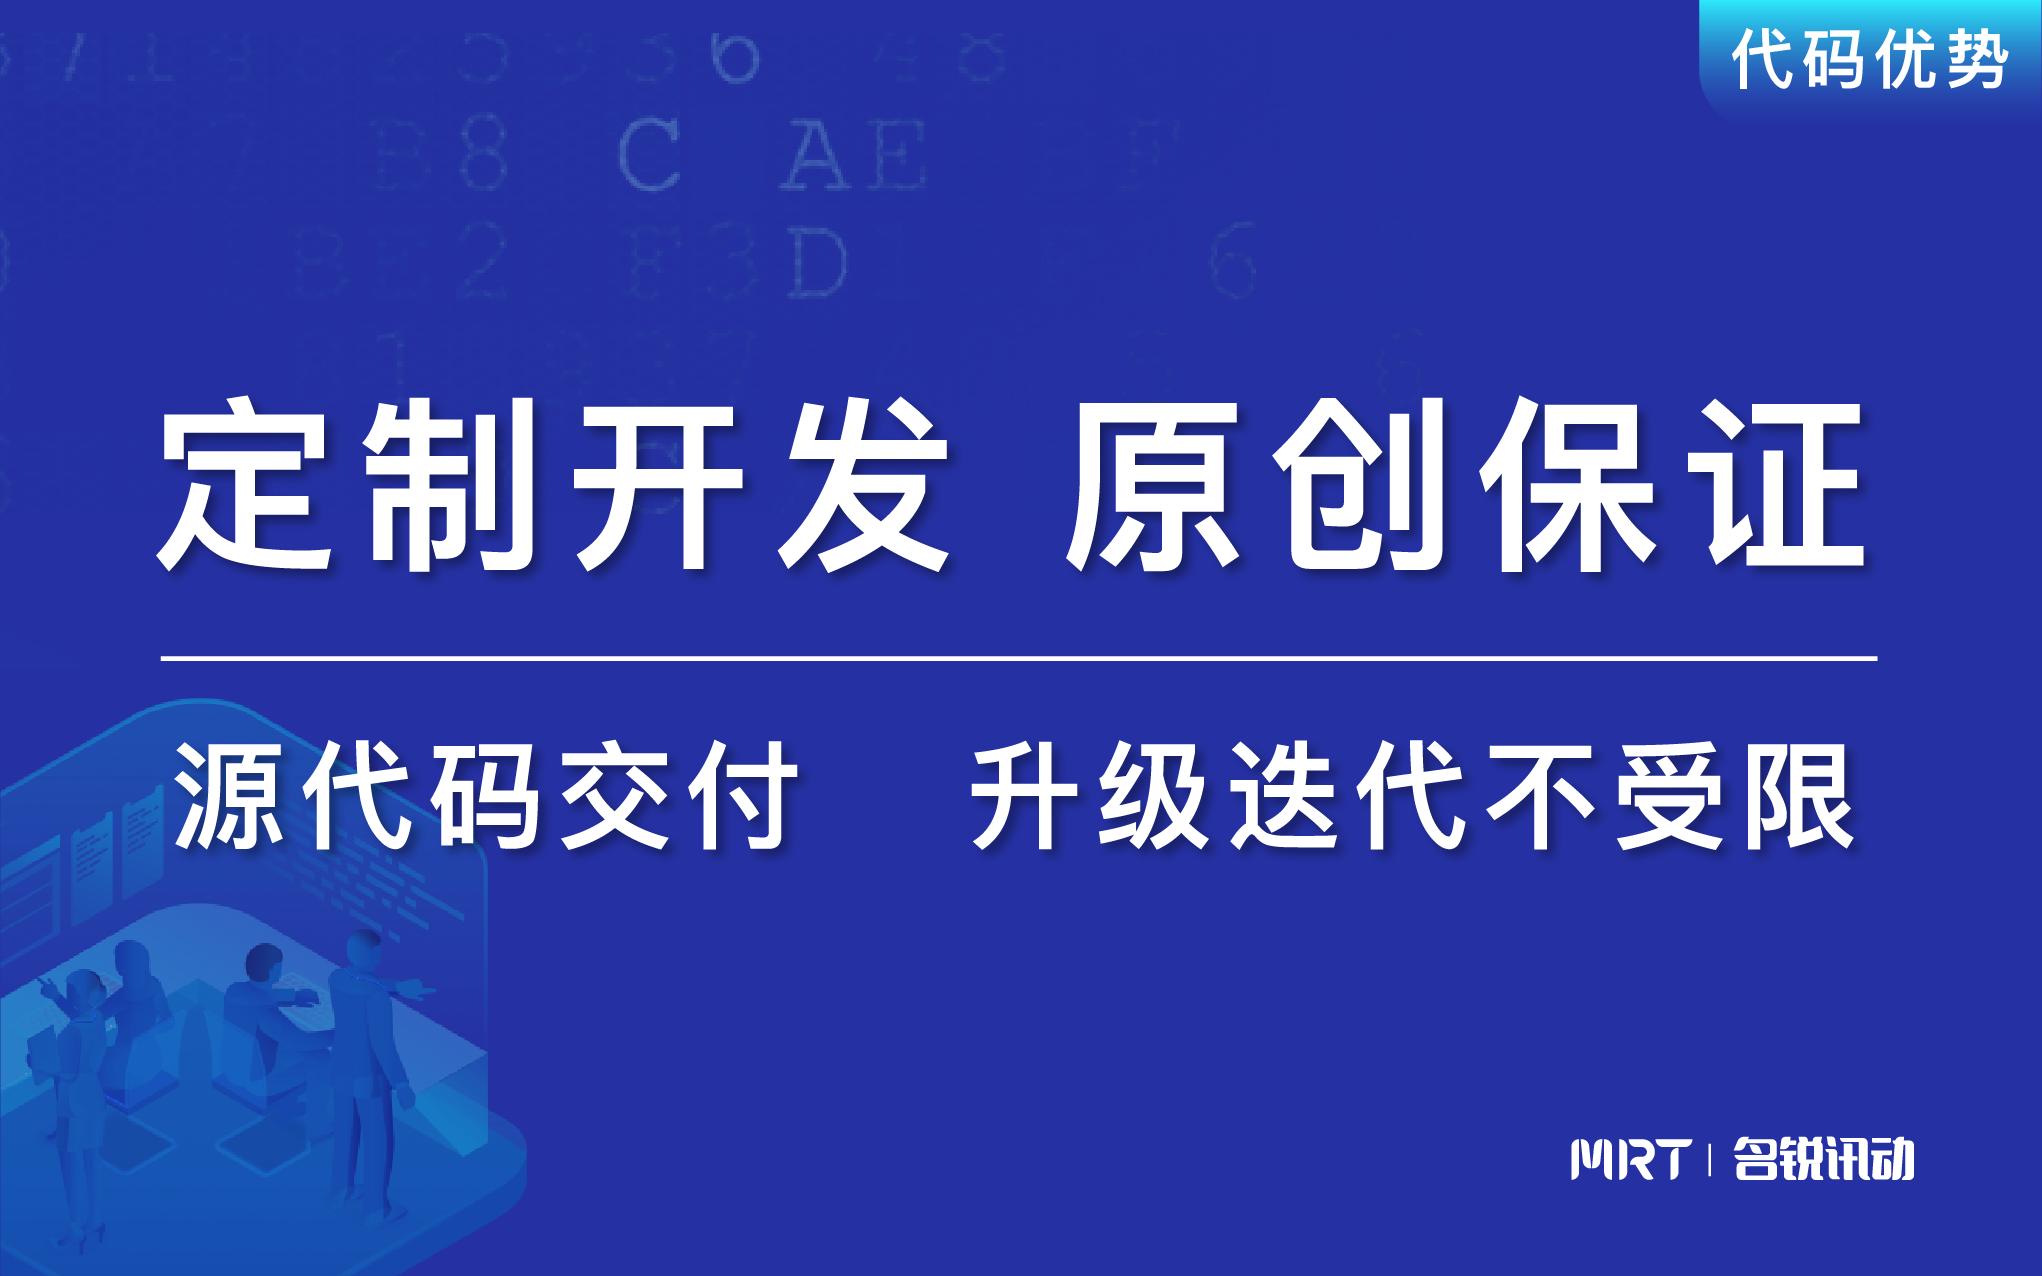 软件界面设计/UI设计/网页设计OA办公系统/后台管理设计